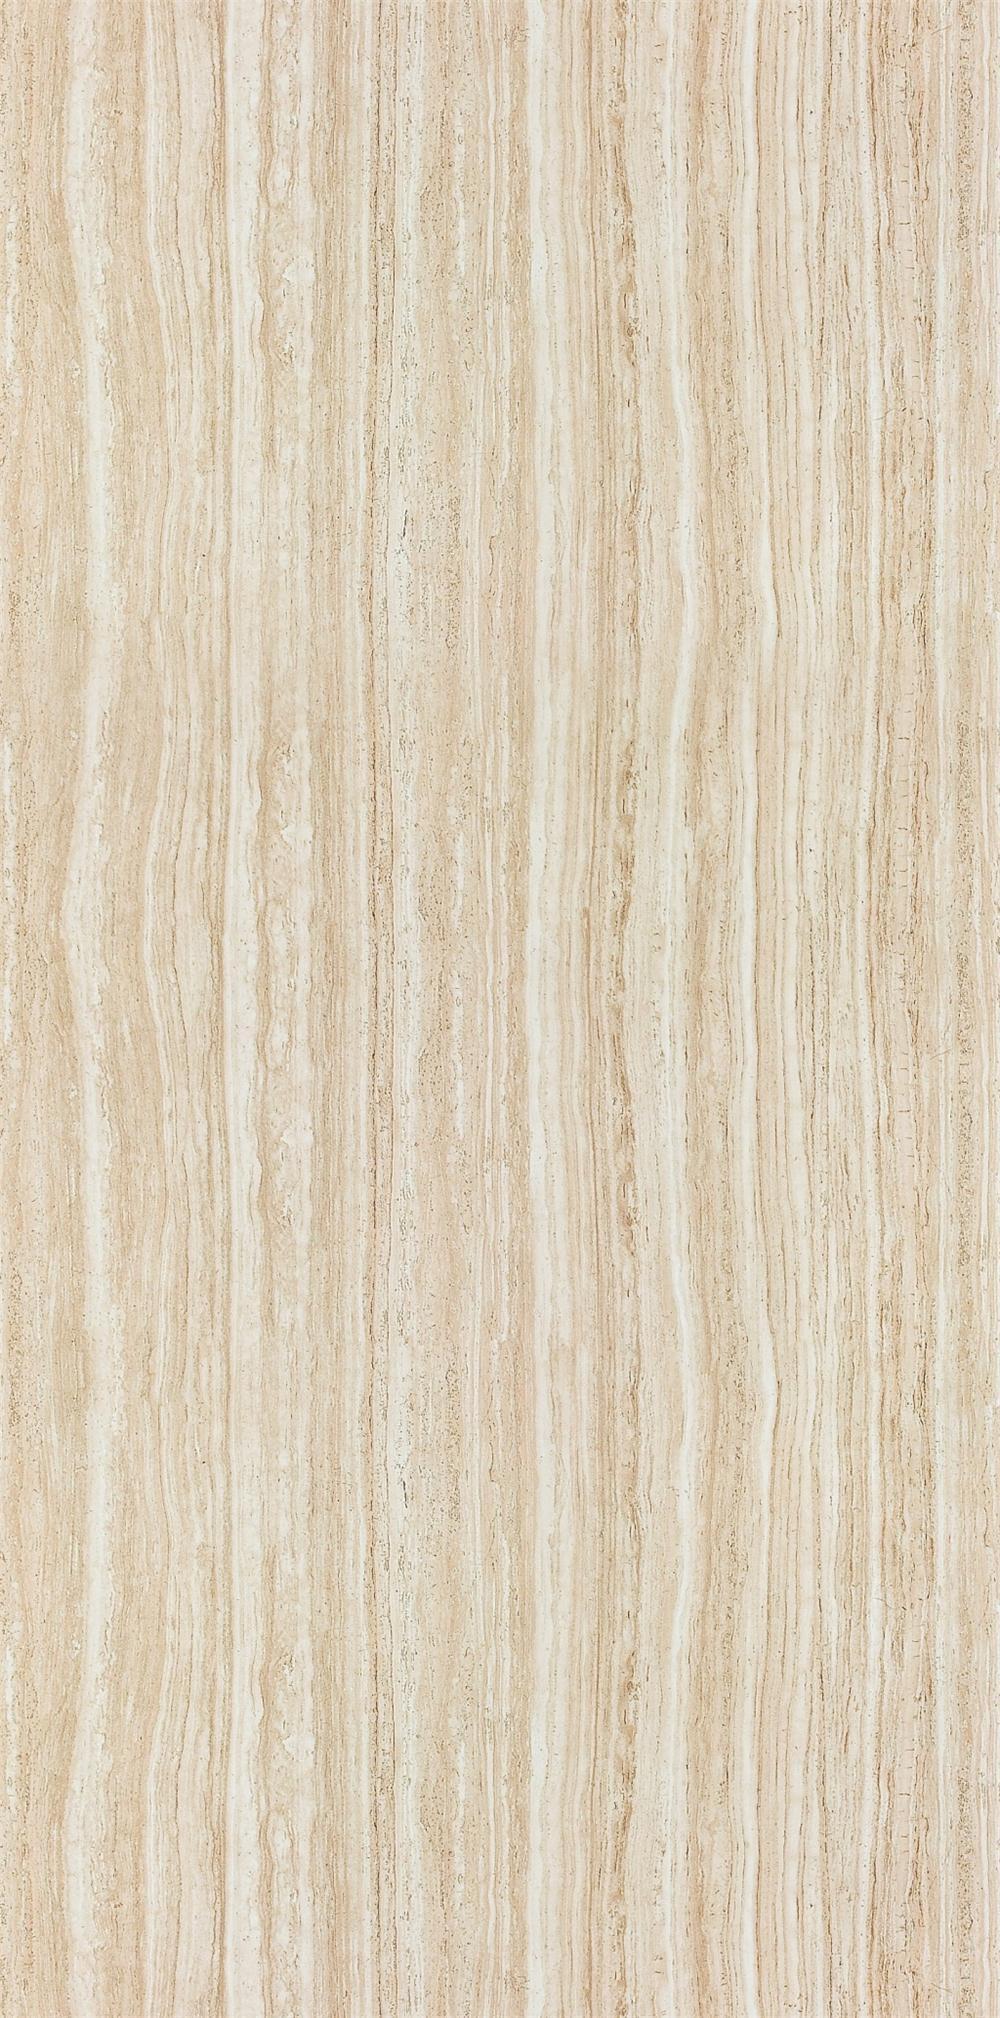 意大利棕木2-PA26010(1200mmX600mm)